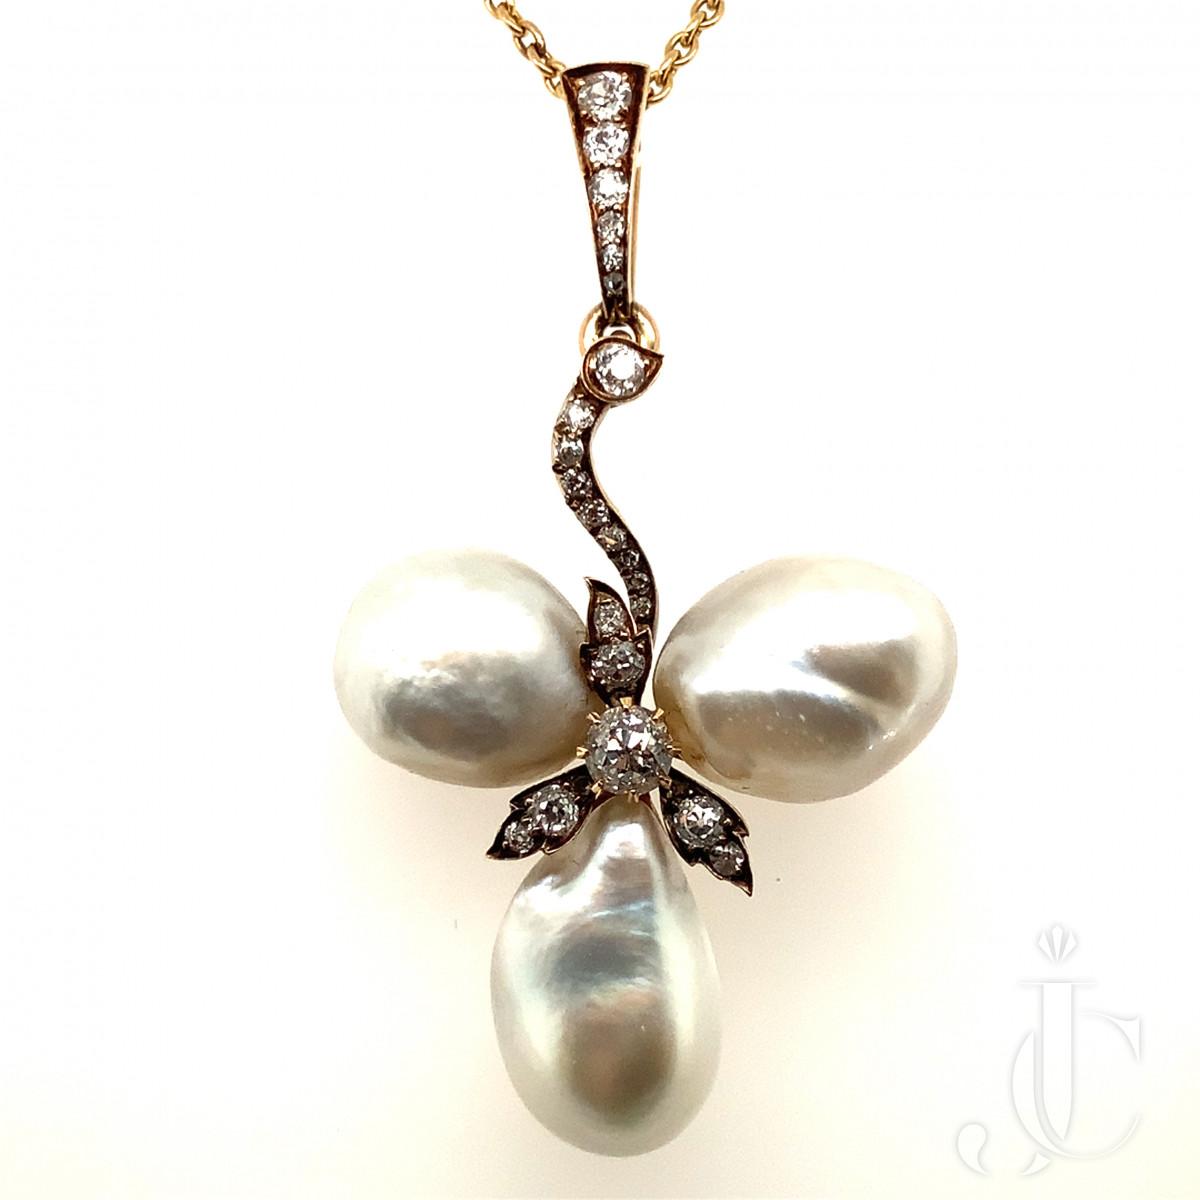 Natural Saltwater Pearl Trefoil Pendant